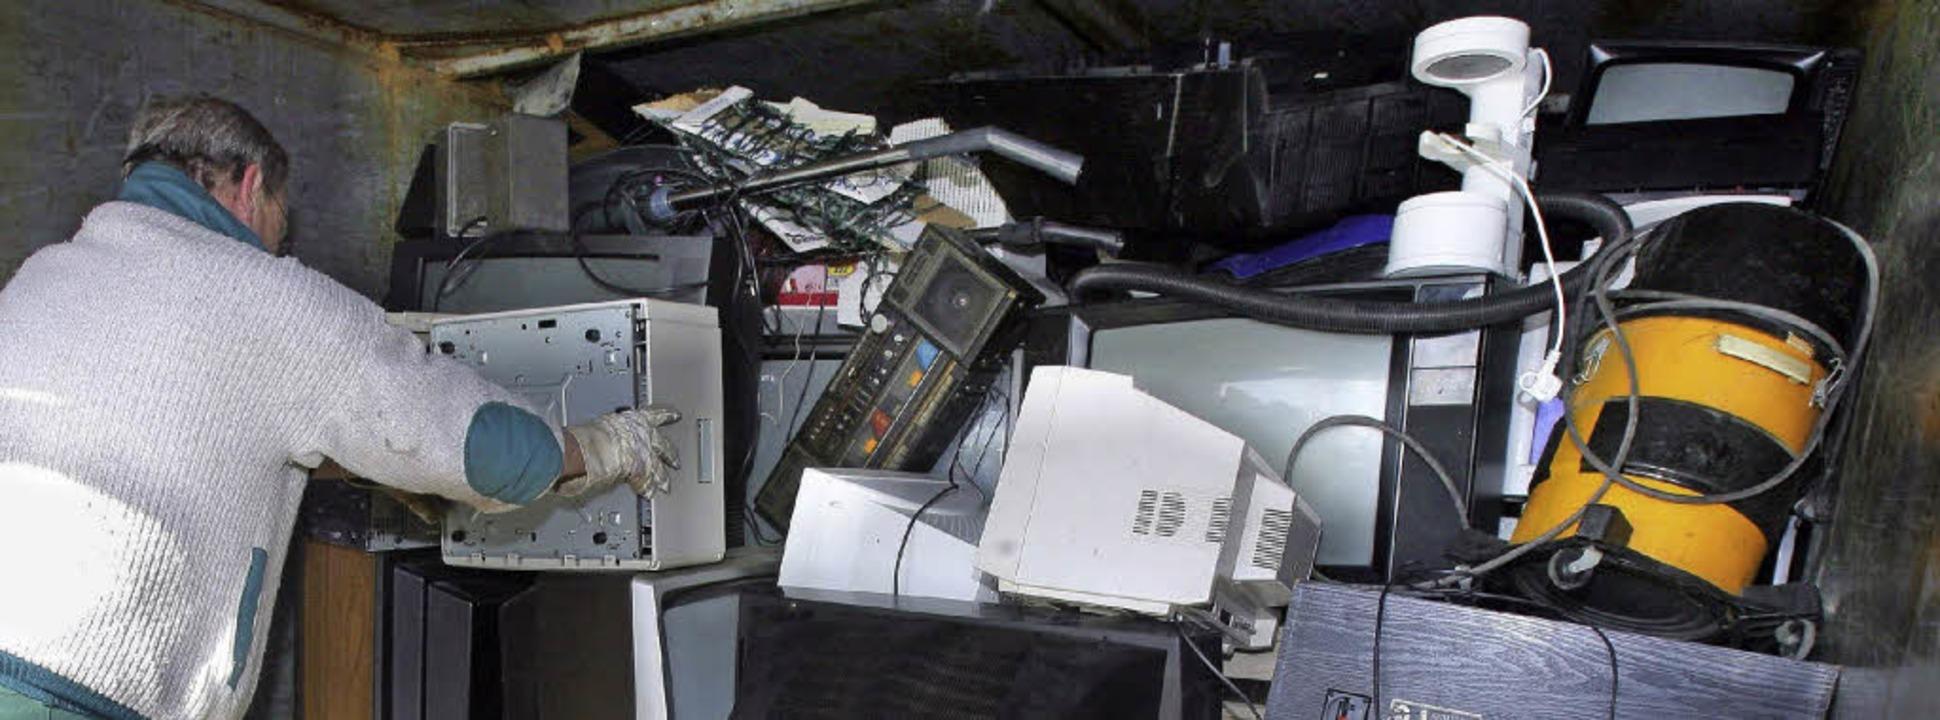 Maschinen aller Art,   Computer, Mobil...und sind bei Schrotthändlern begehrt.   | Foto: Brakemeier/dpa